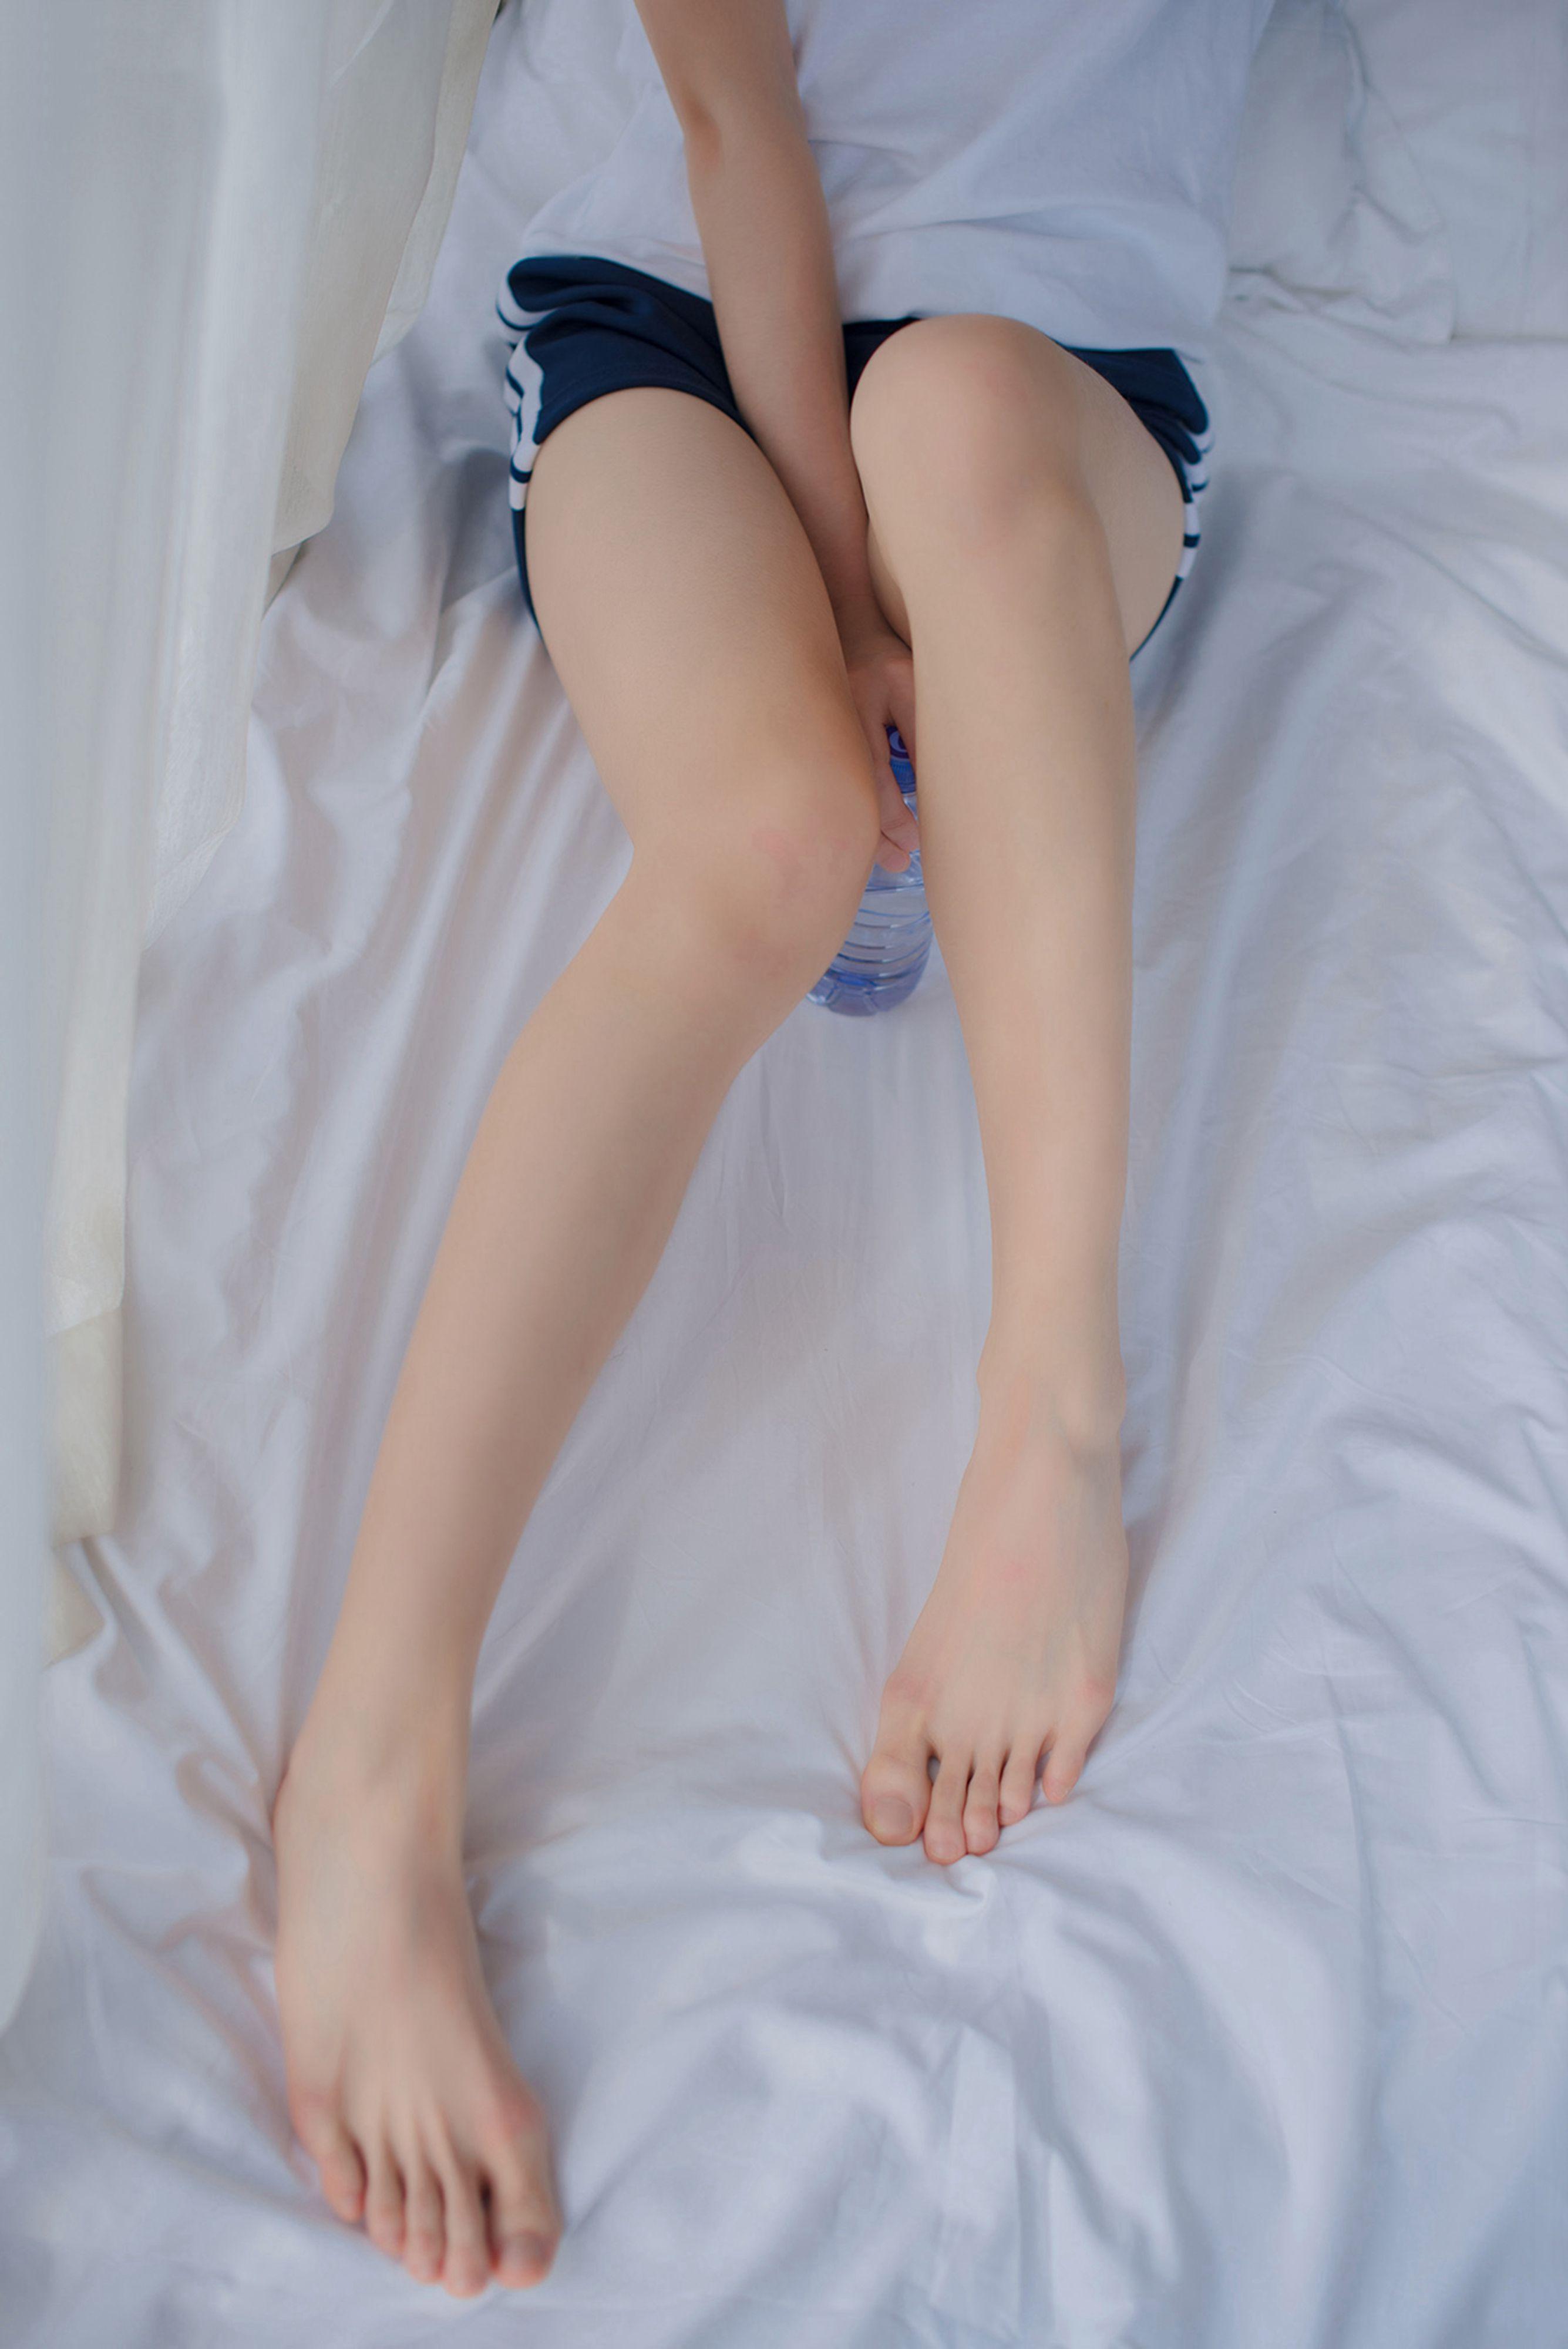 风之领域露脸系列NO.103,体操服美腿尽显